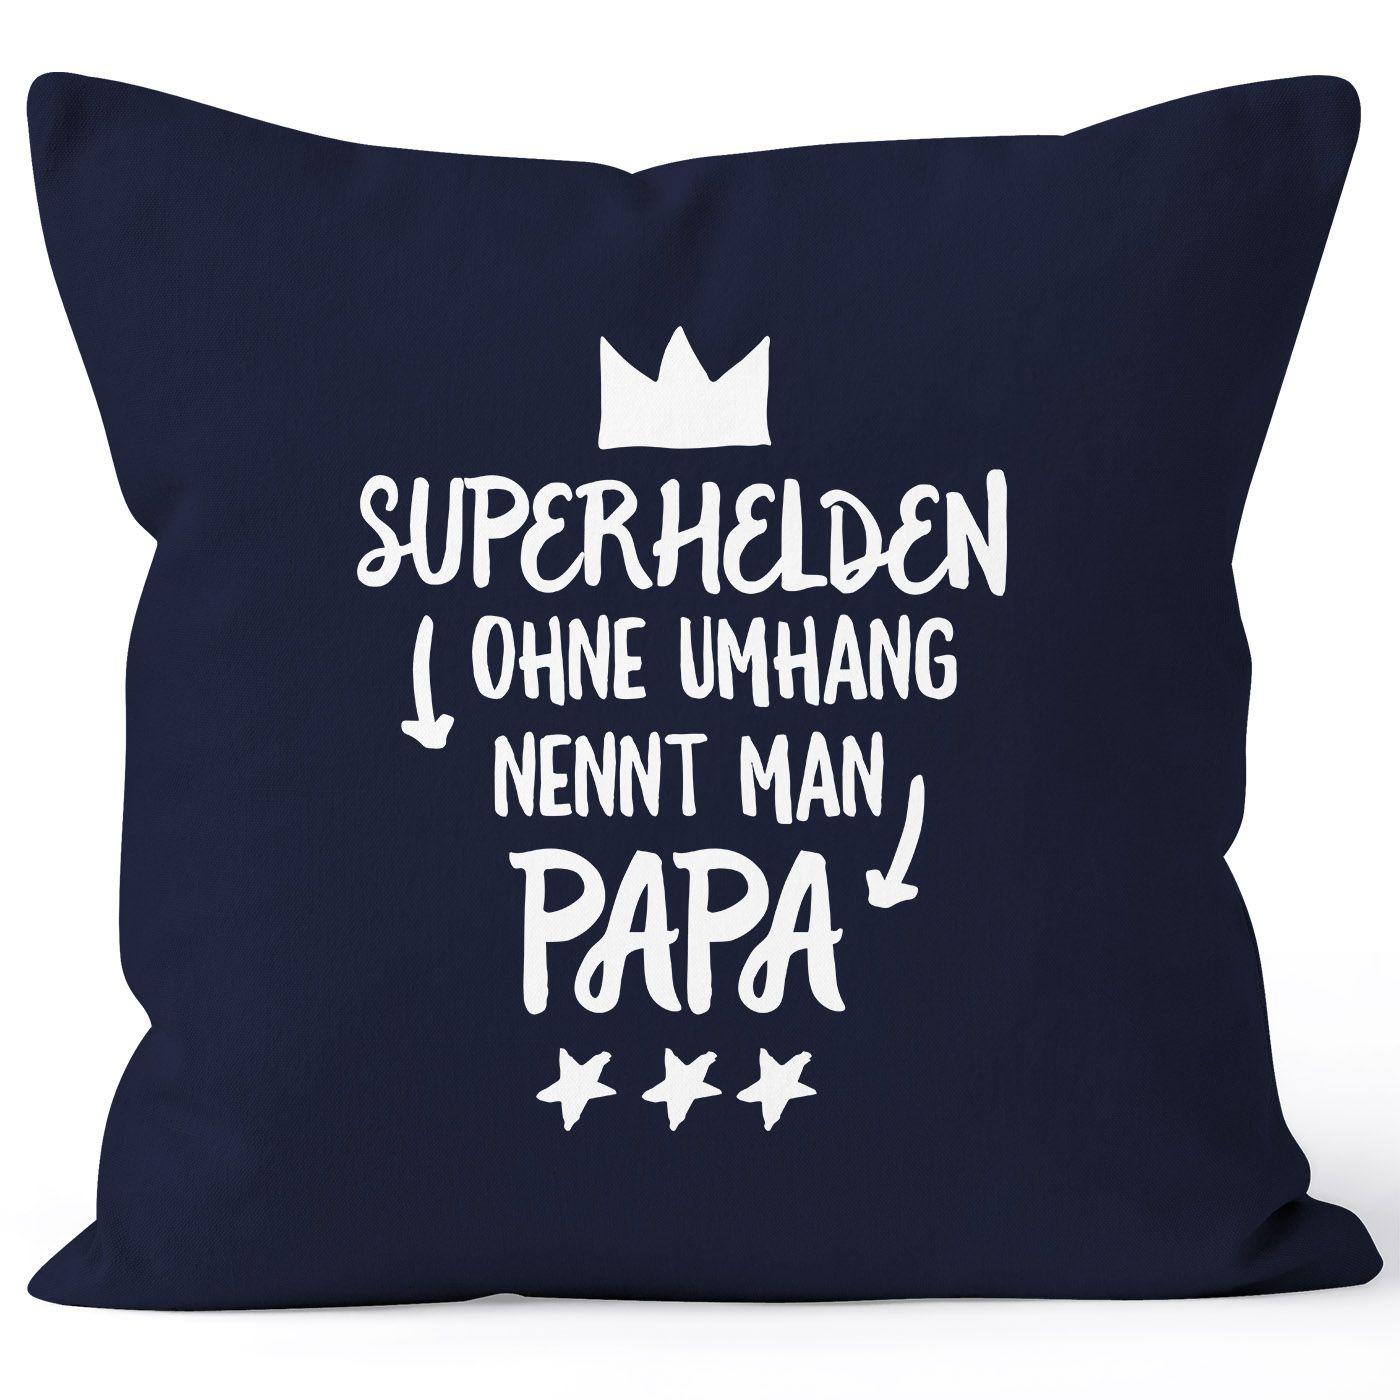 Superhelden Ohne Umhang Nennt Man Papa Kissen Bezug Kissen Hulle